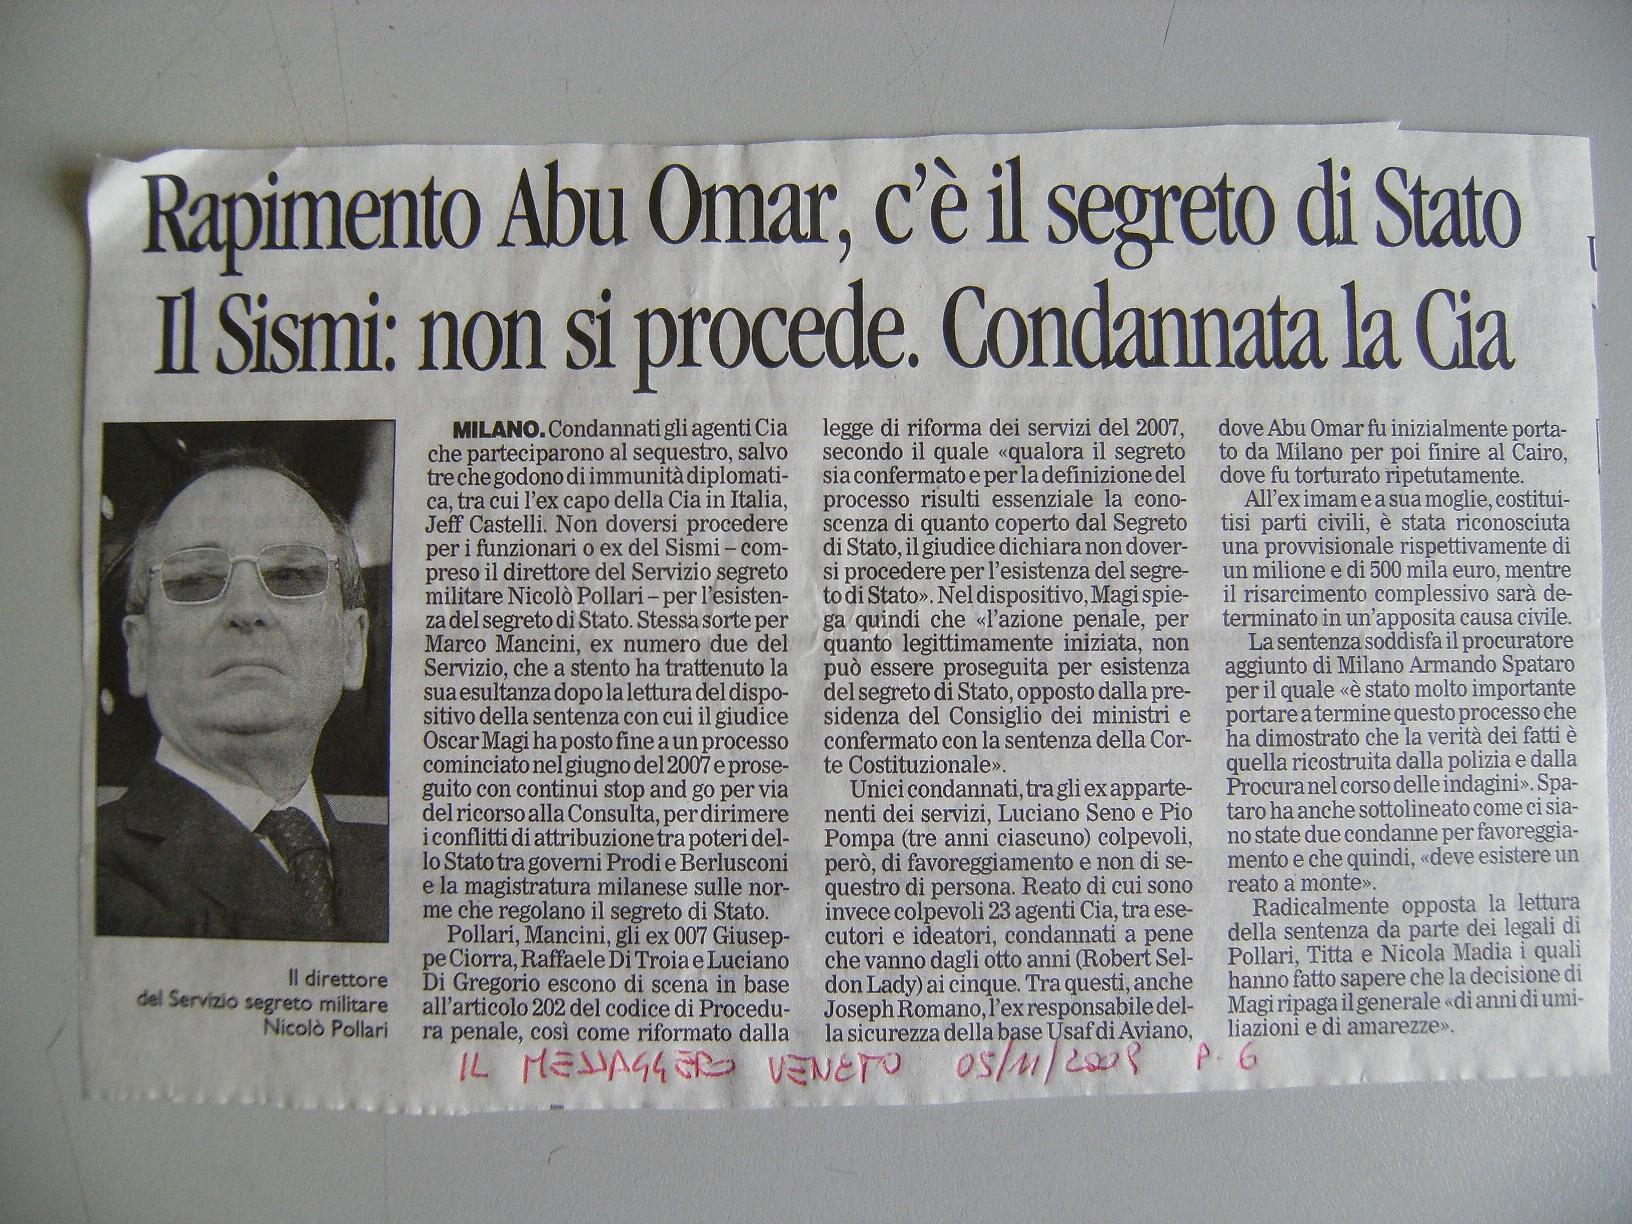 Rapimento Abu Omar c'è il Segreto di Stato. Il Sismii: non si procede. Condannata la Cia